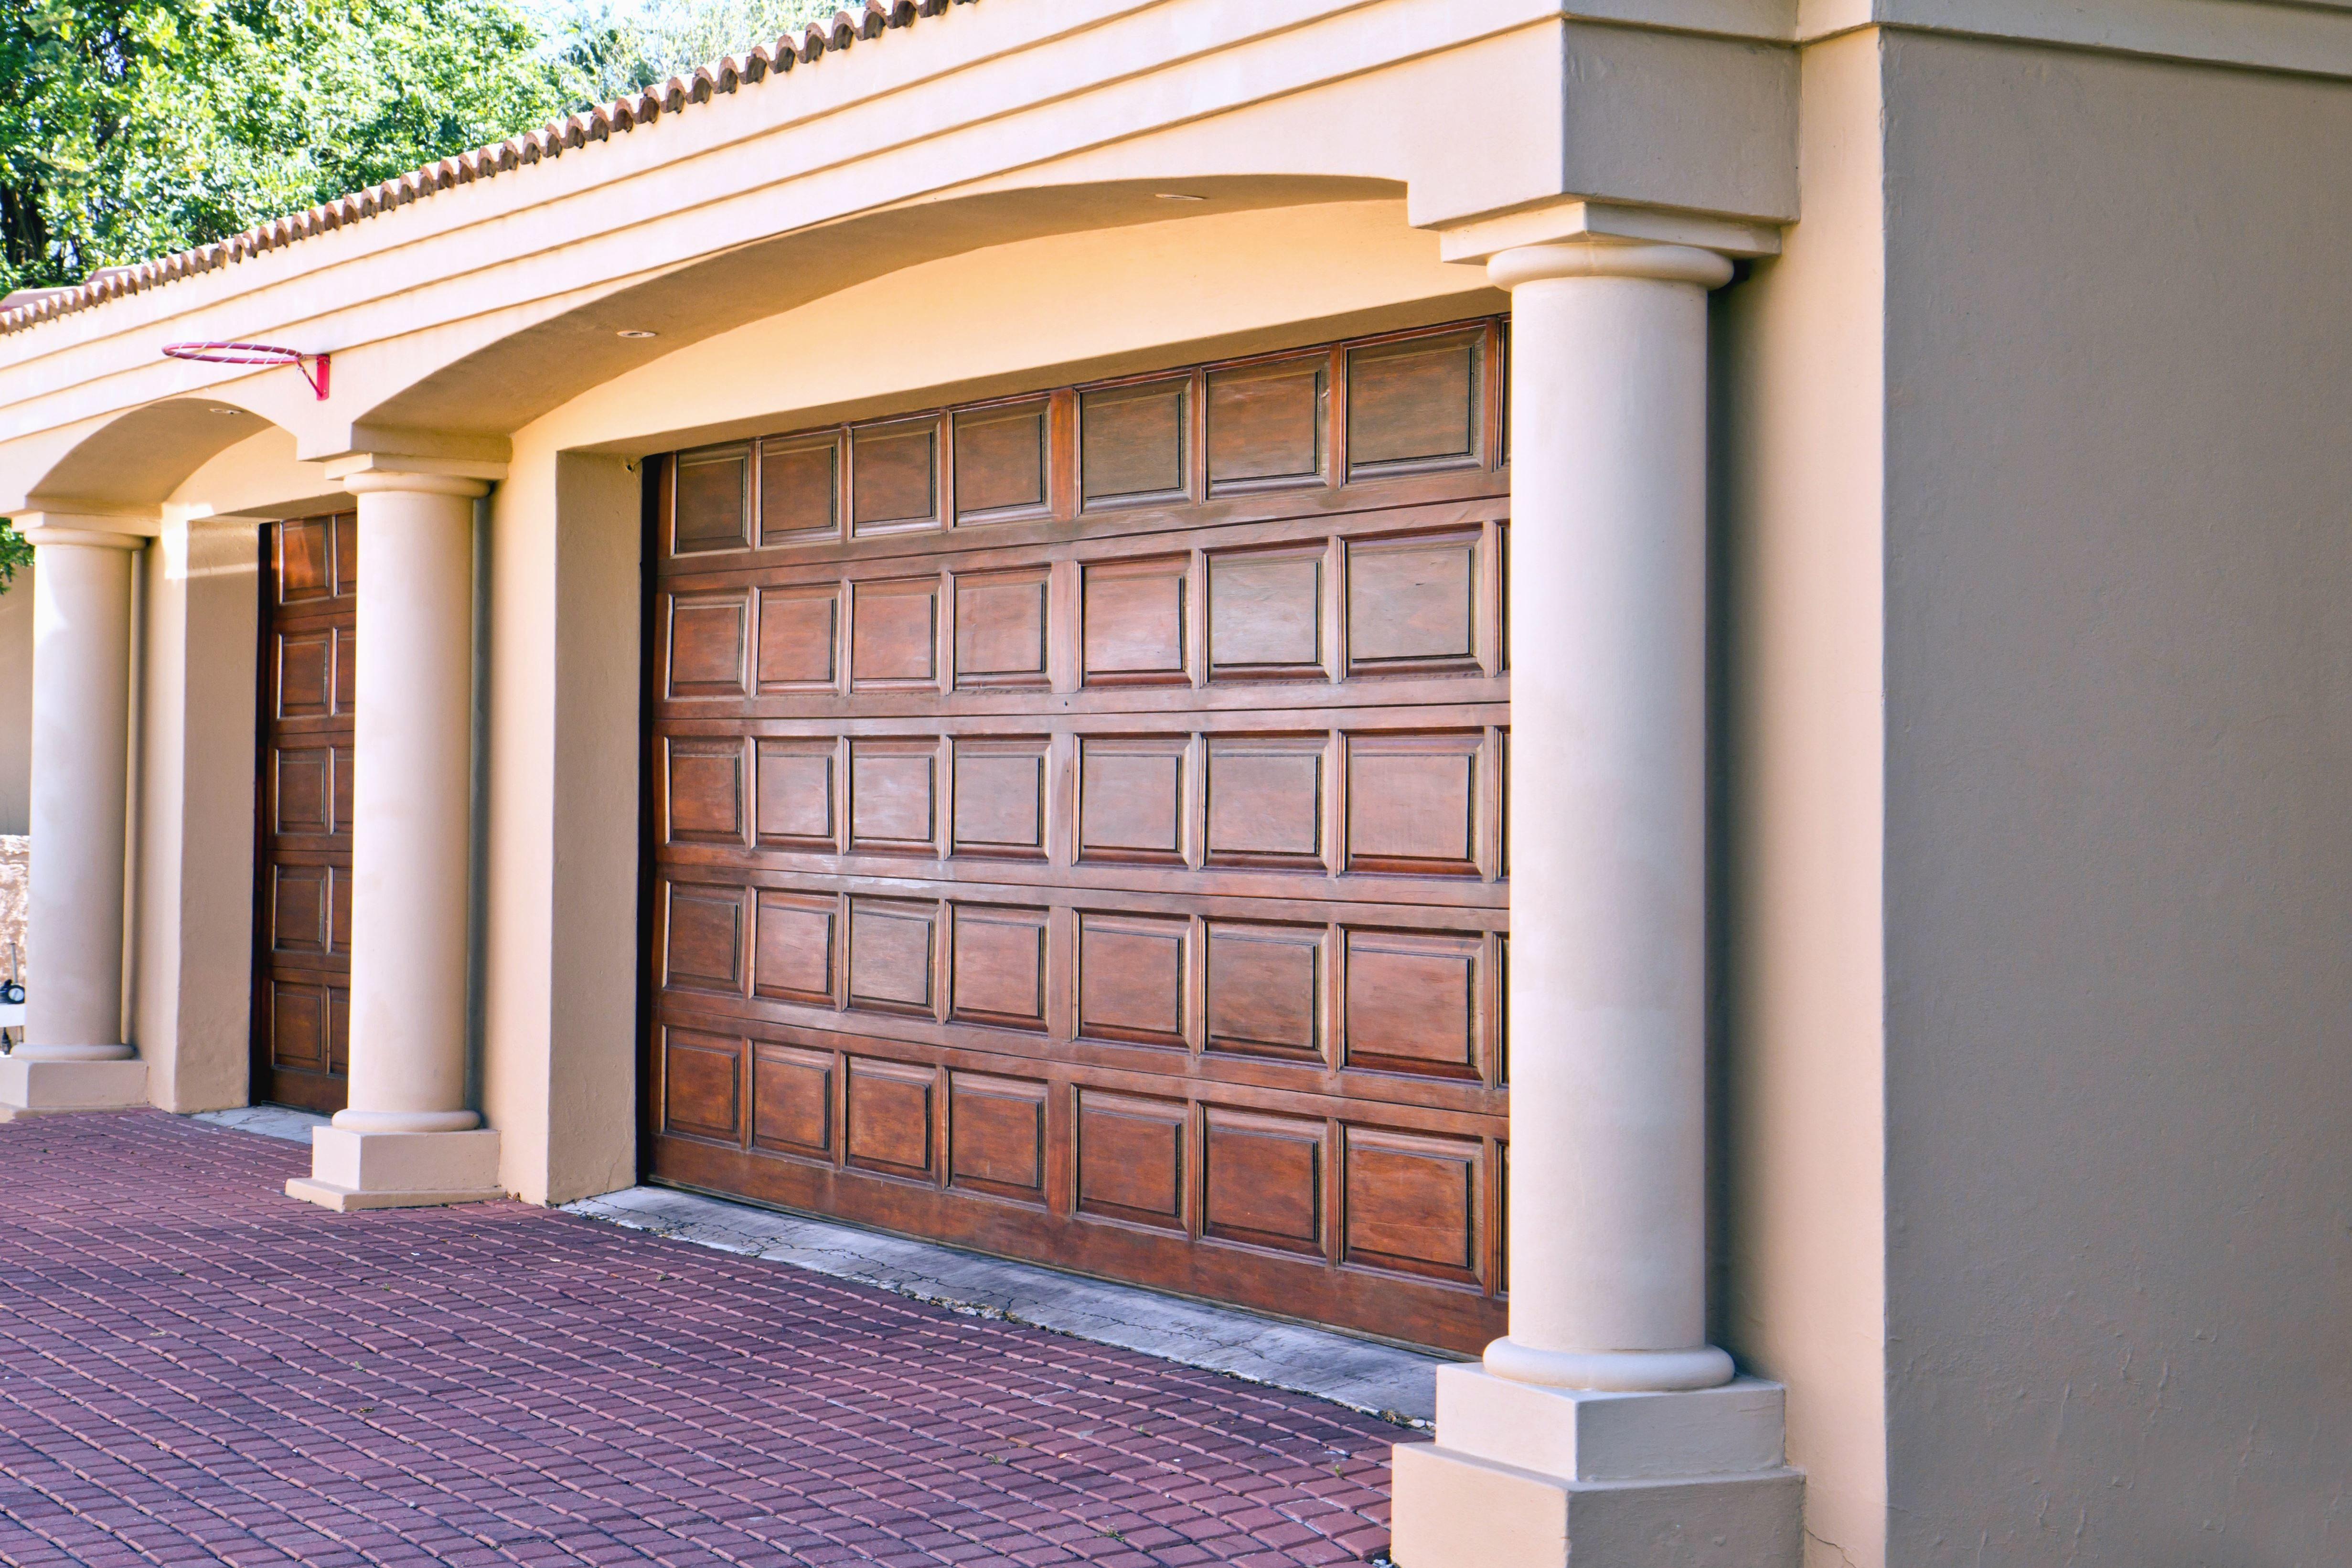 Tür Garage Haus kostenlose bild tür holz stöcke garage architektur haus